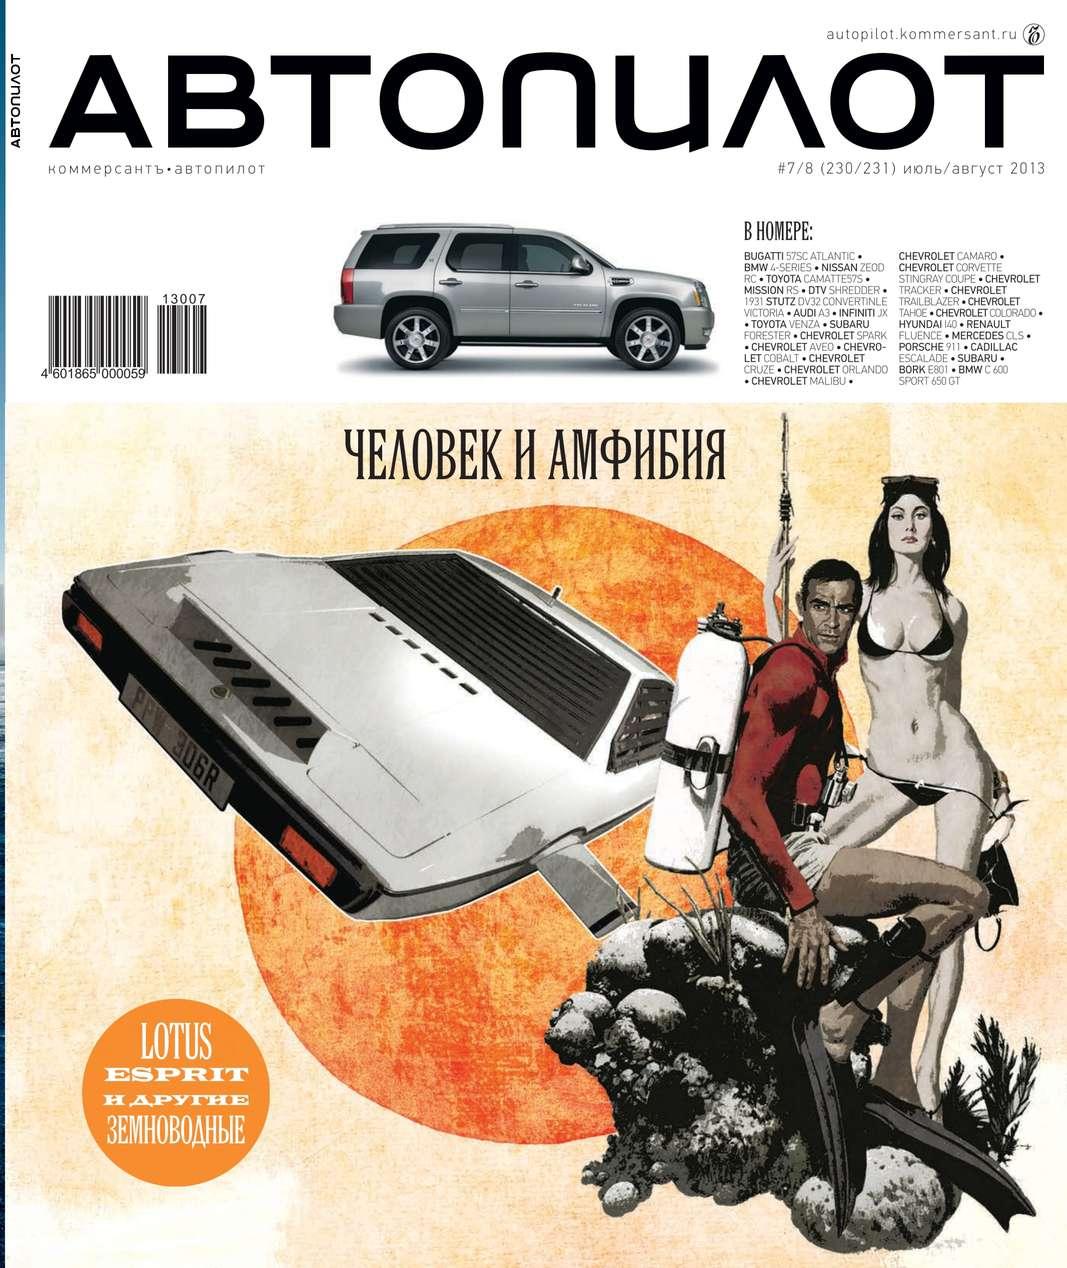 Редакция журнала Автопилот Автопилот 07-2013 новости для автомобилистов 2016